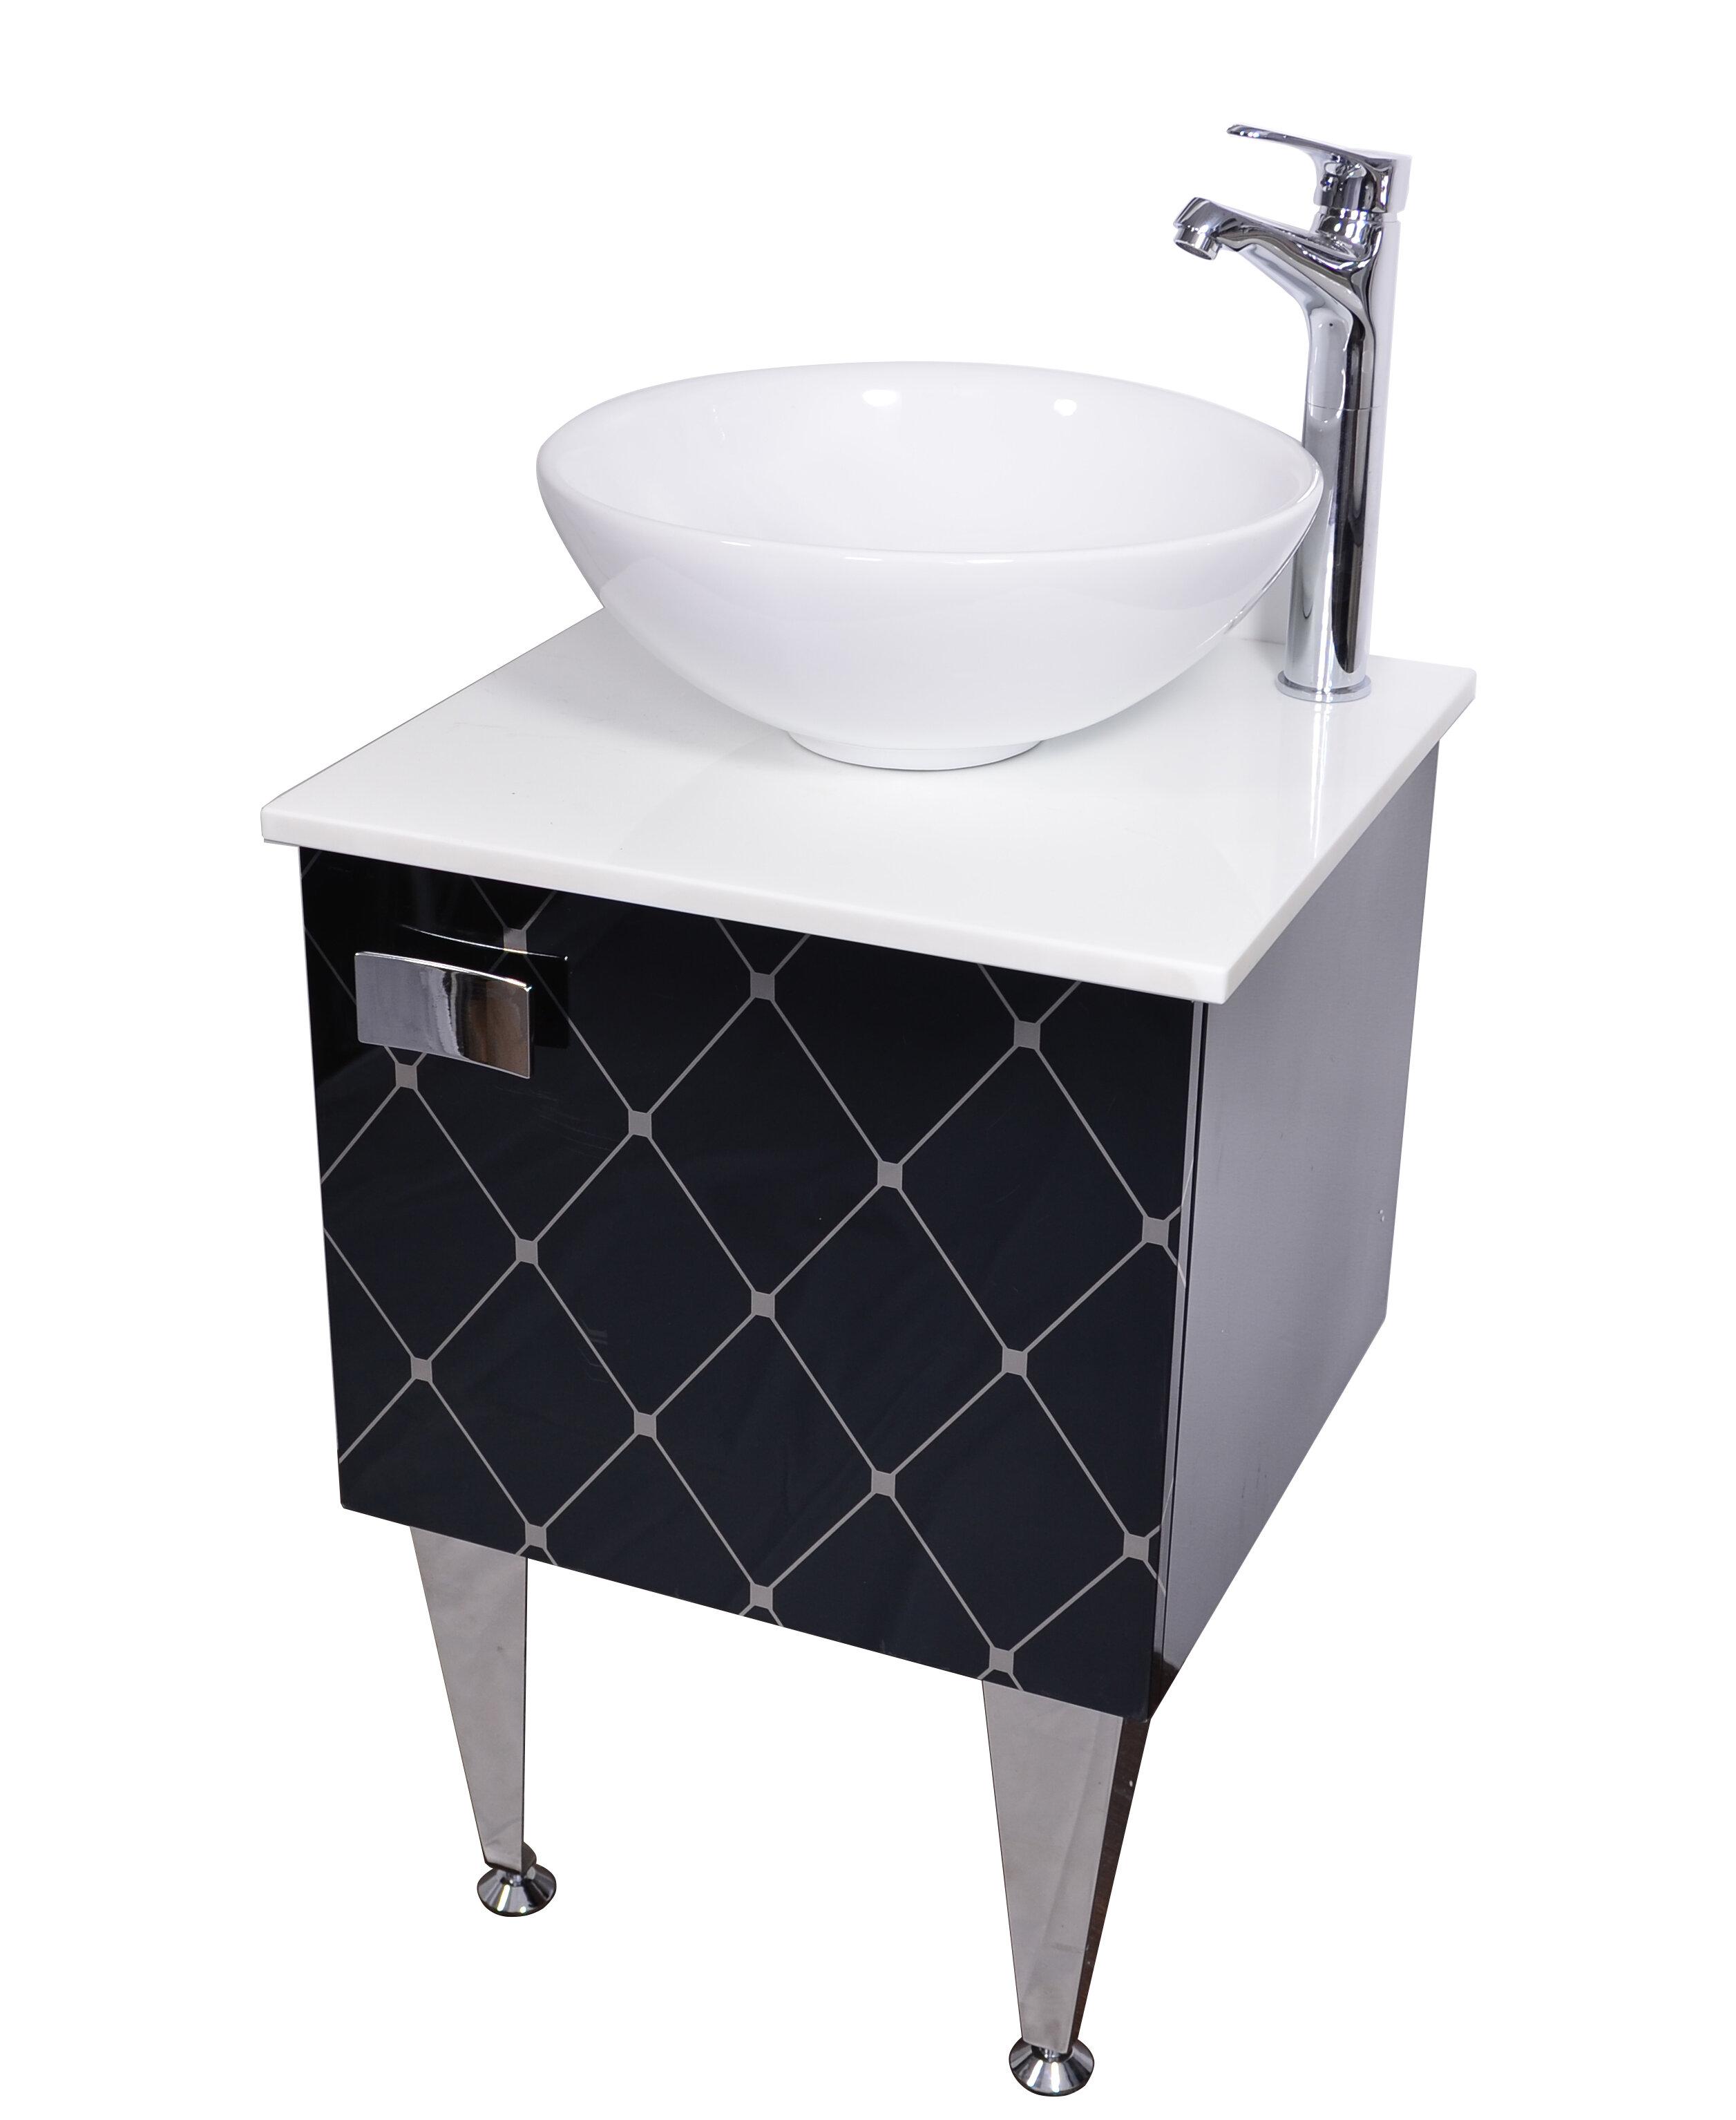 Orren Ellis Spears 20 Single Bathroom Vanity With Faucet Wayfair